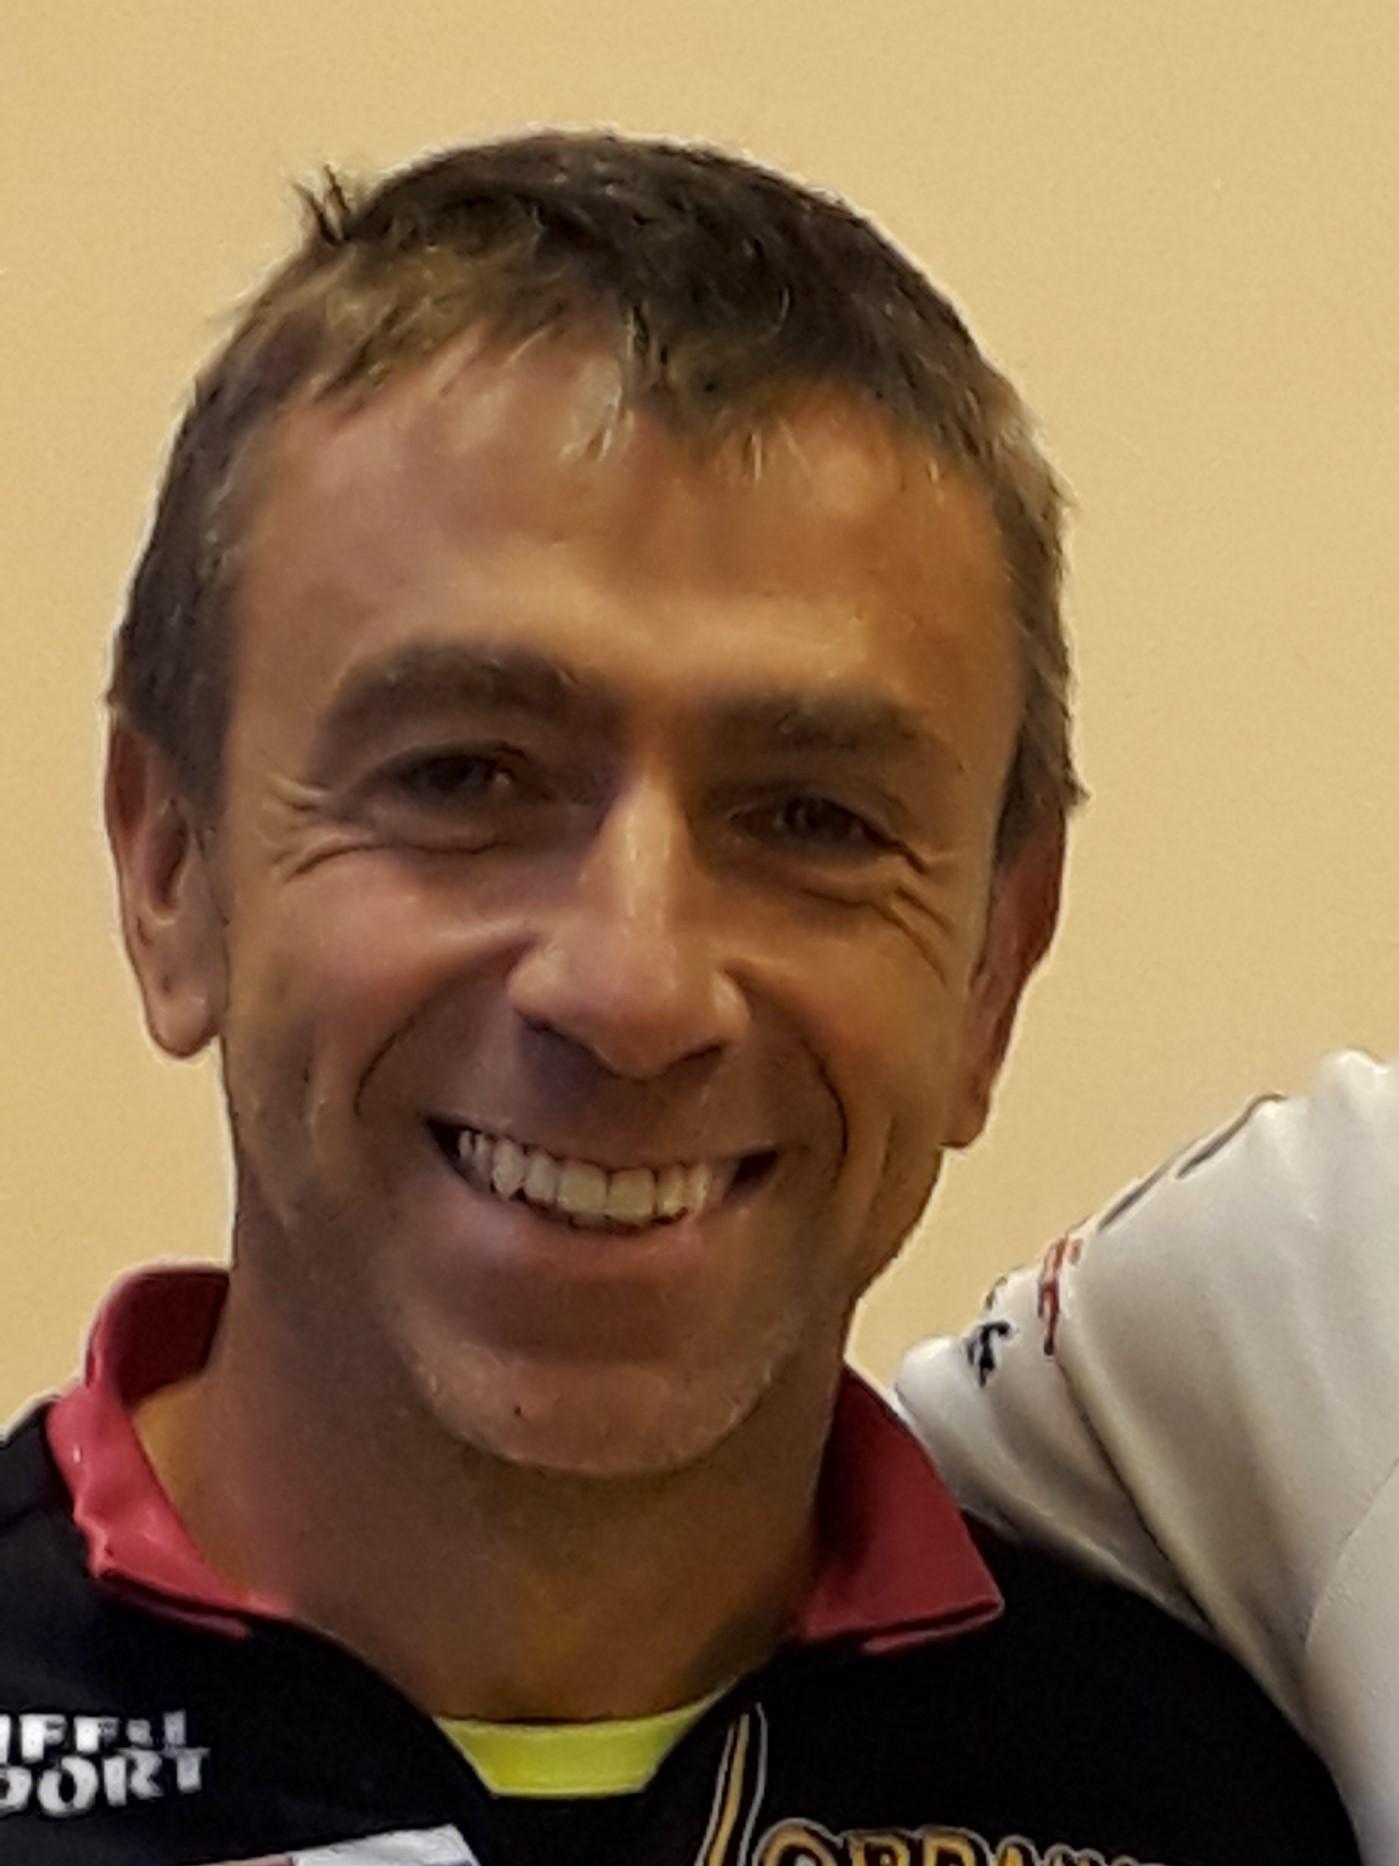 Grand prix du Val de Briey (54) – Catégories : Pass'Cyclisme D1-D2 et Pass'Cyclisme D3-D4  – Les Classements